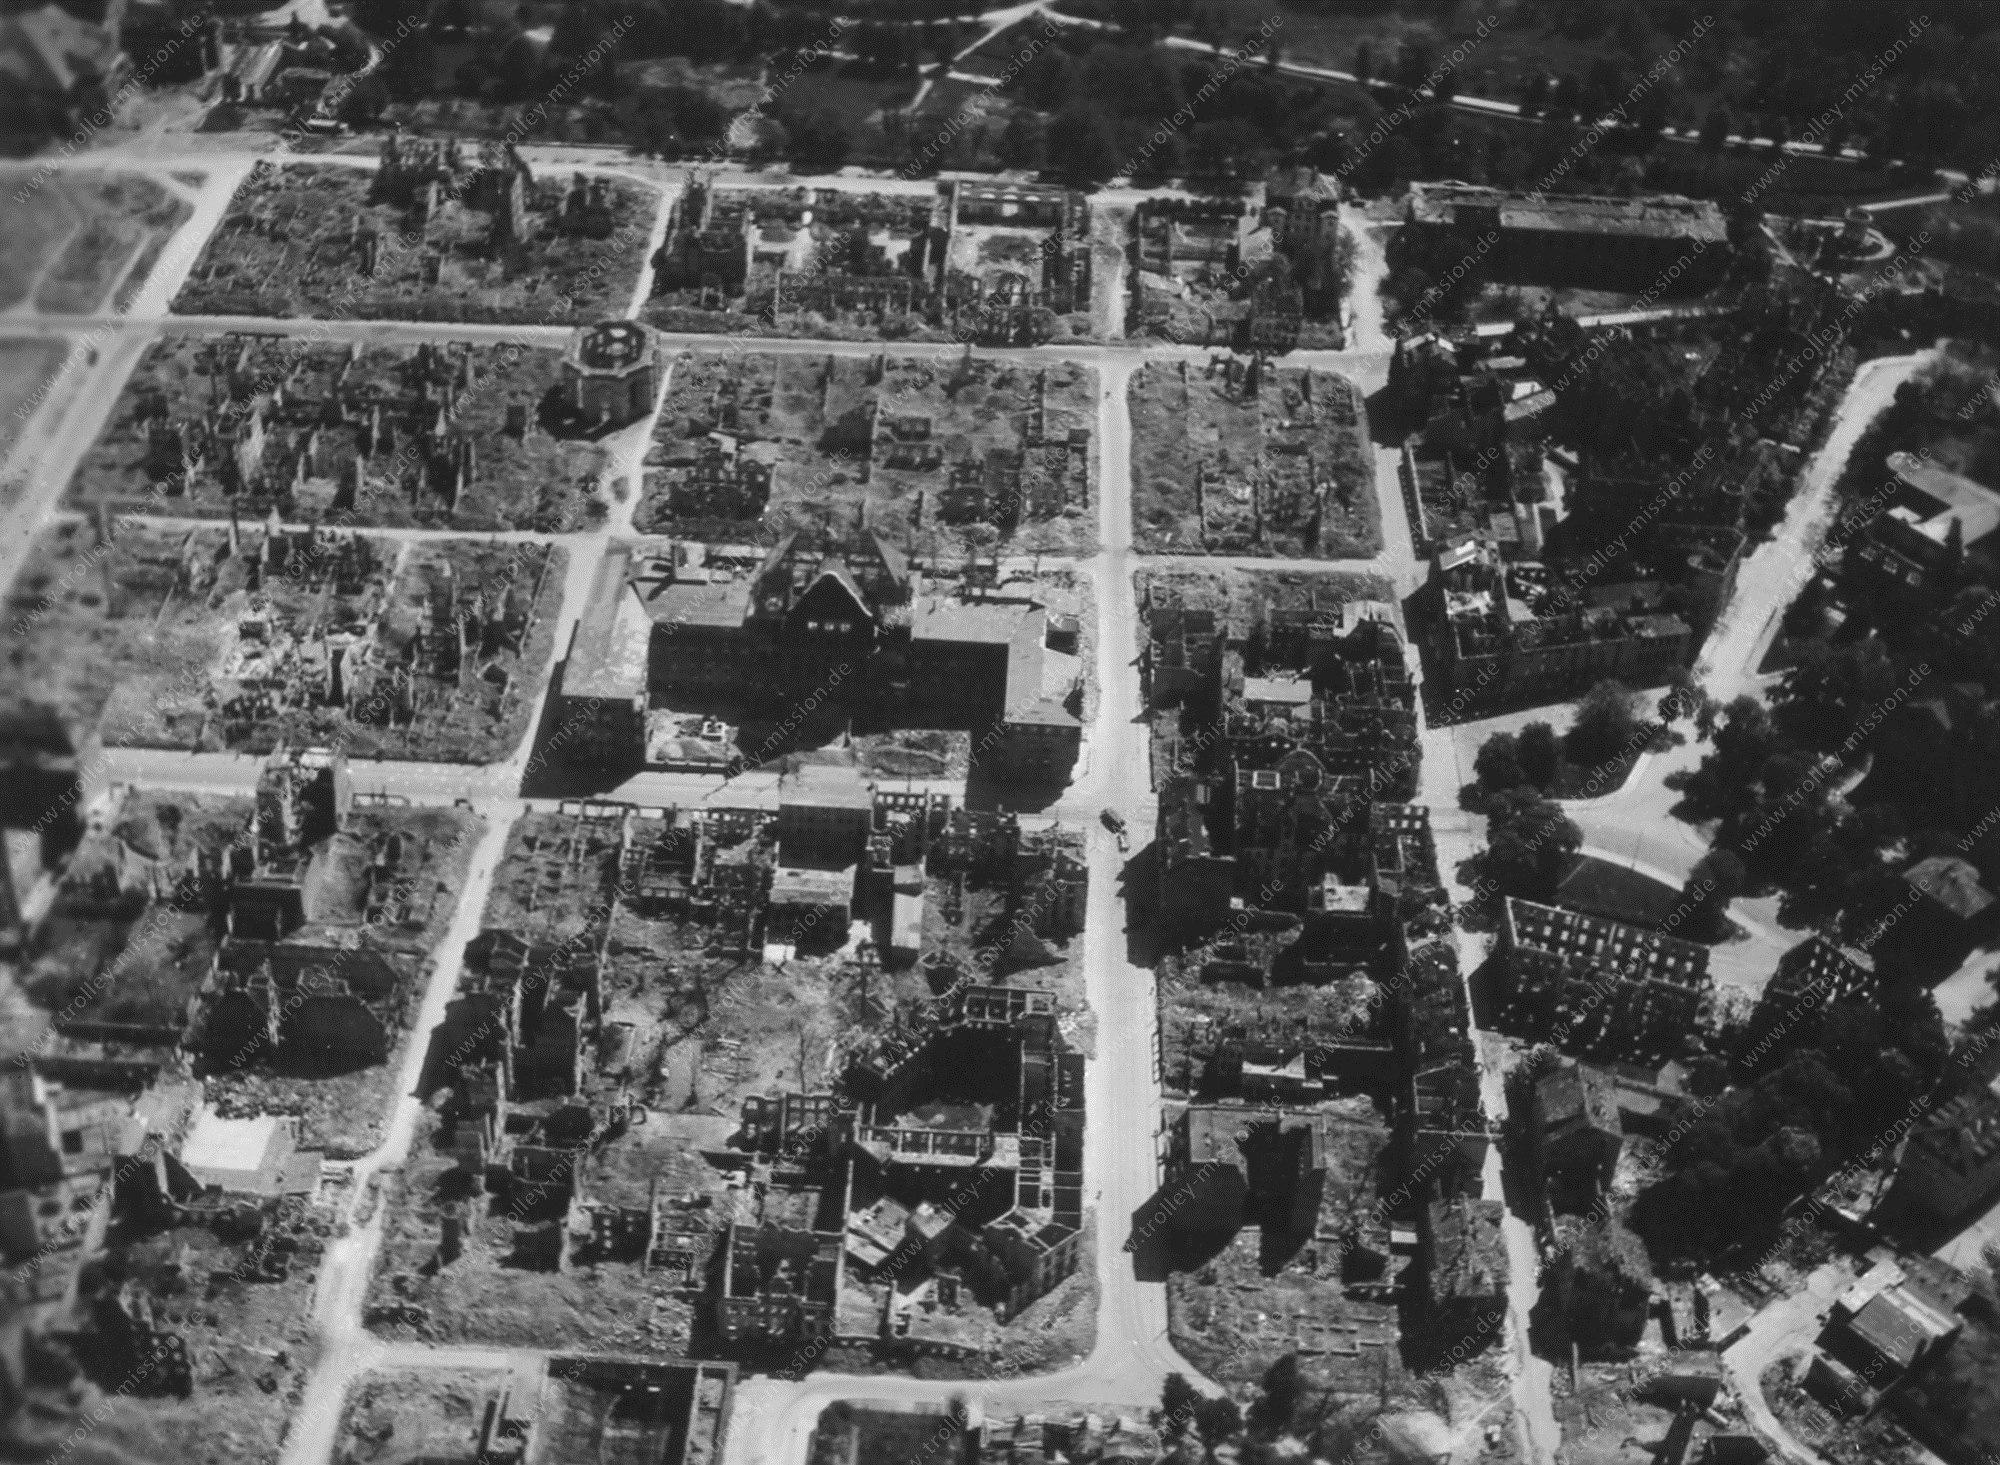 Kassel nach dem Zweiten Weltkrieg - Luftbild vom Rathaus, der Fünffensterstraße und der Karlskirche